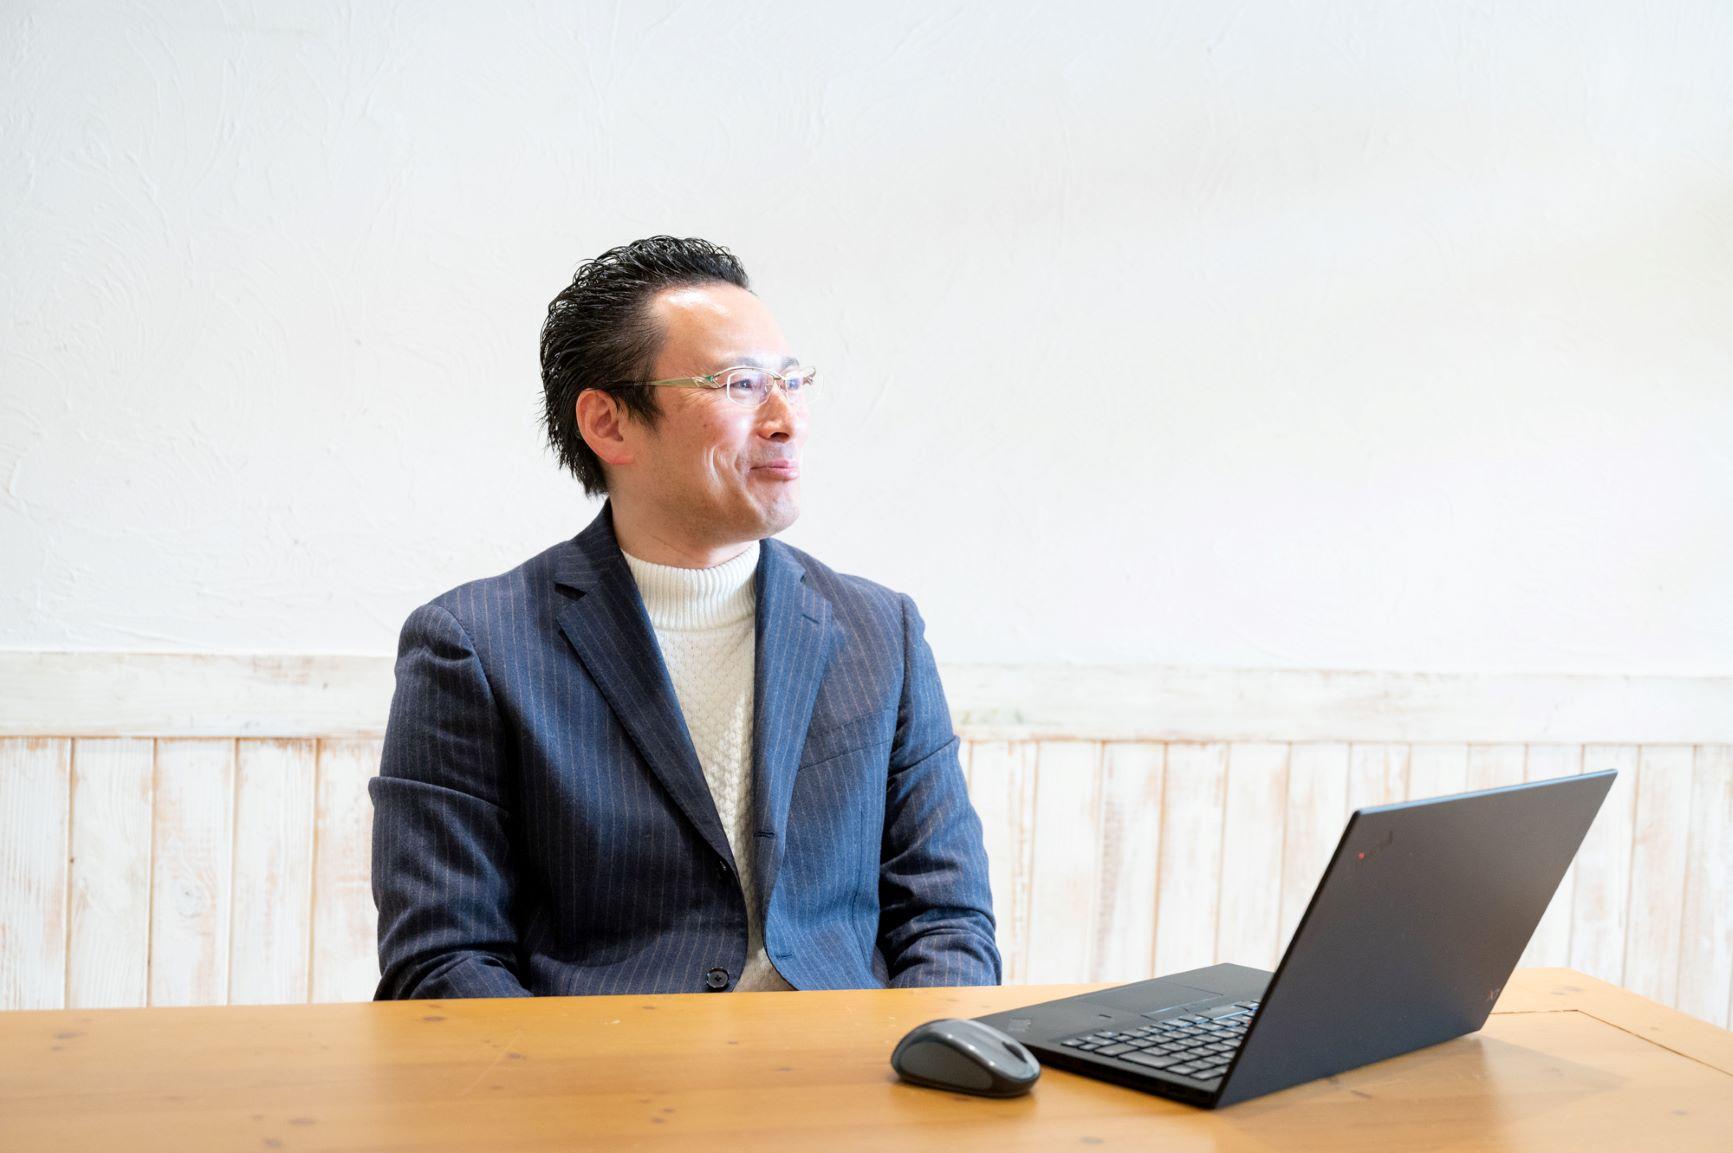 課題発掘から売上達成まで、企業の新規事業を多角的に支援する。Webプロデューサー 清水貴之さん